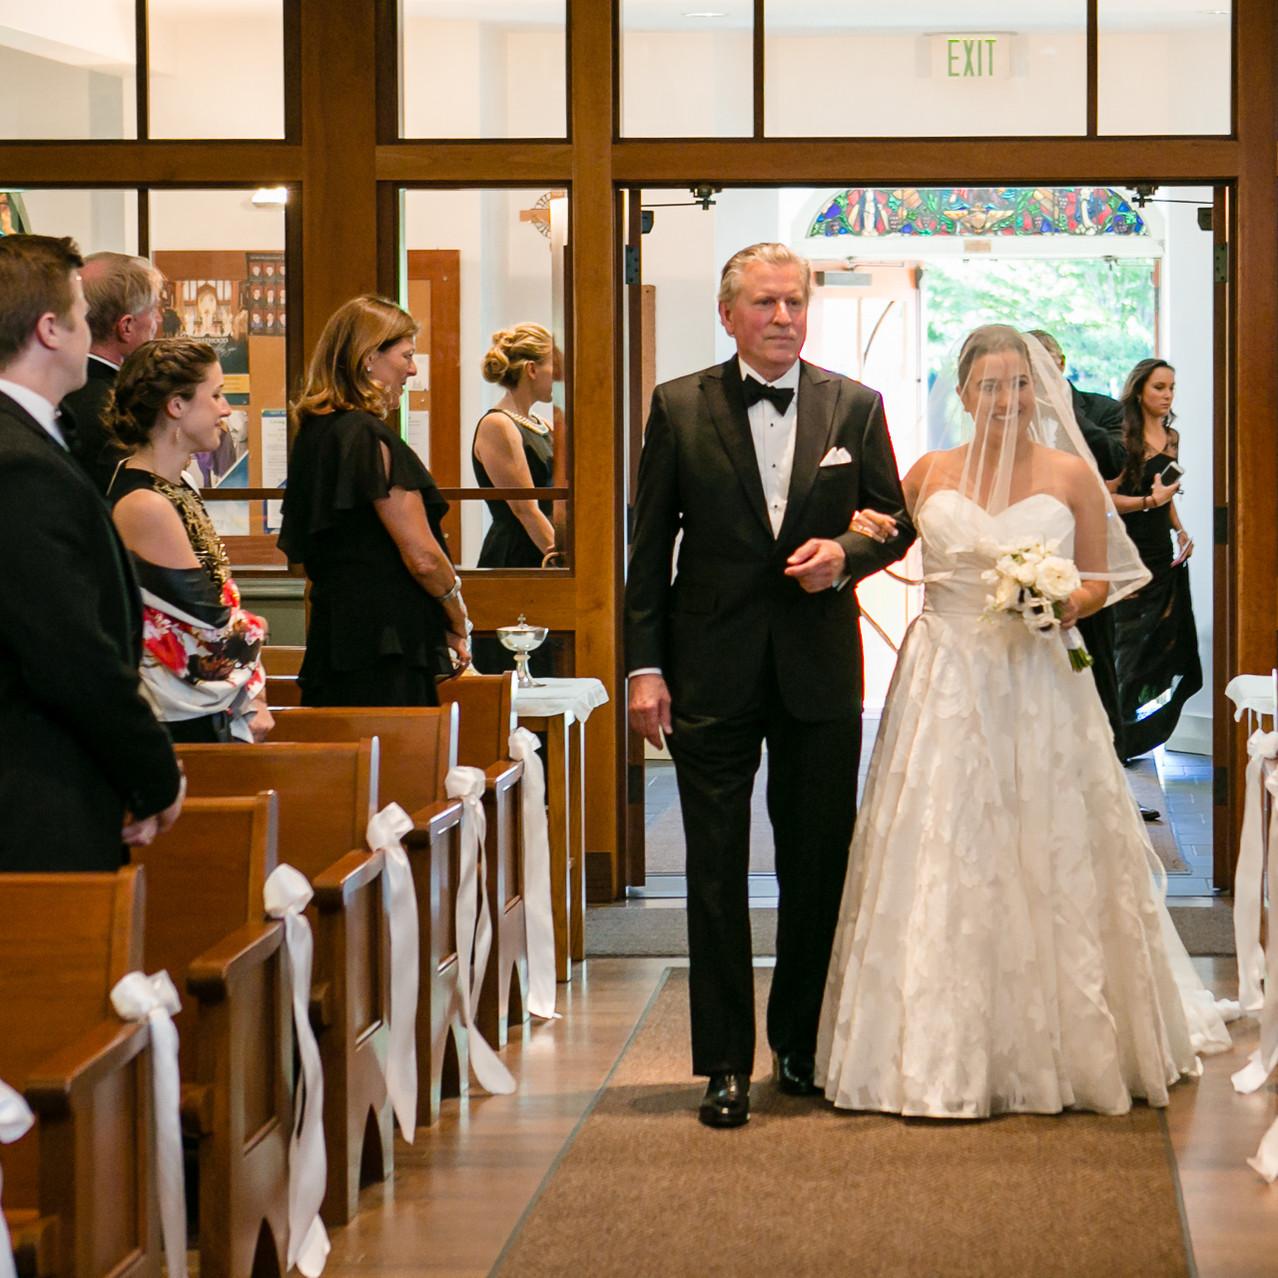 0213_Claudine_and_Eugenio's_Wedding_phot